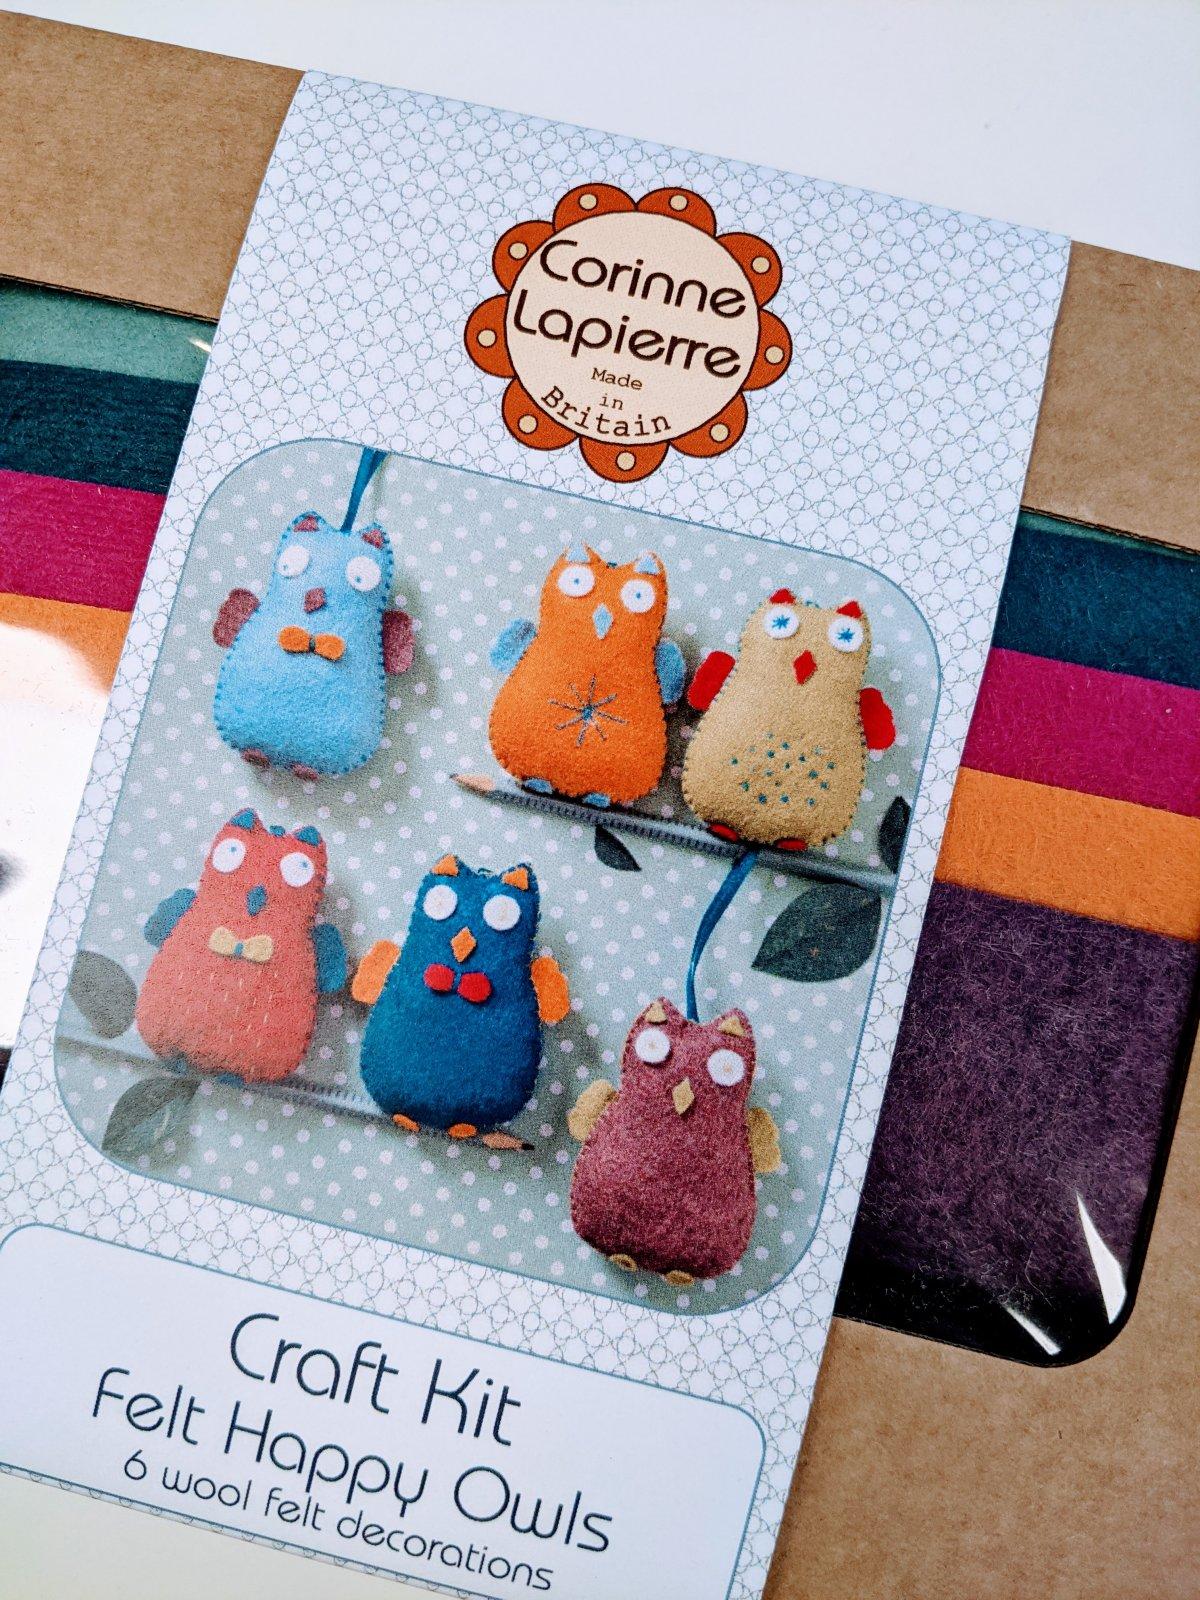 Happy Owls Felt Kit by Corinne Lapierre